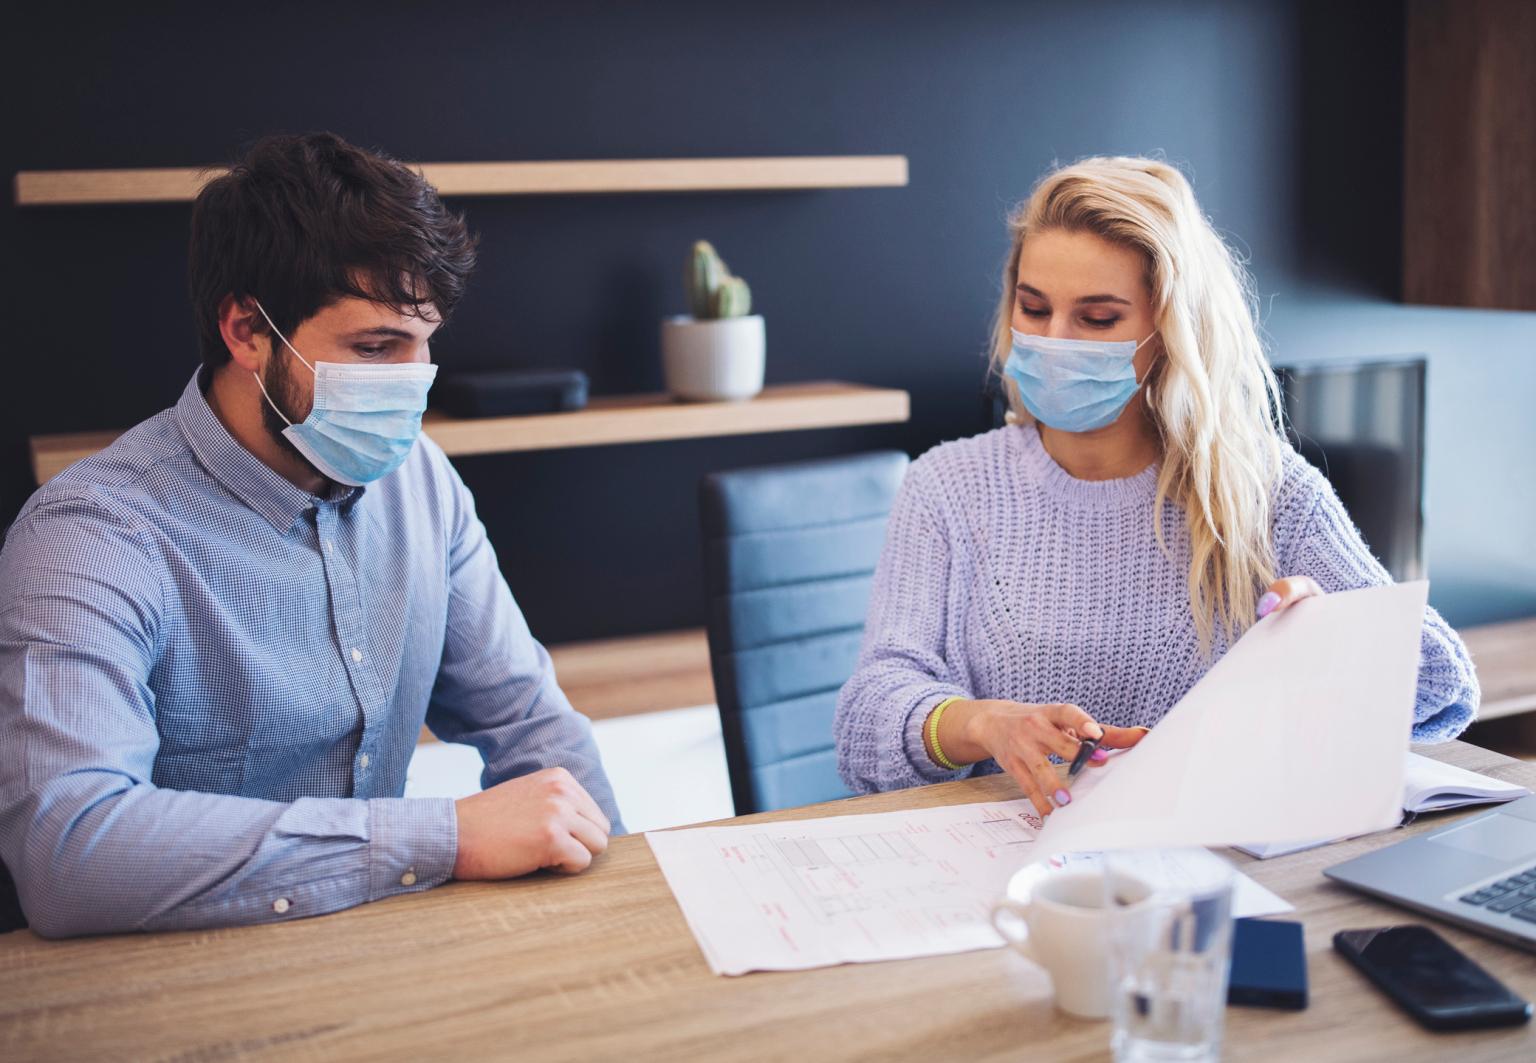 Final de ano, trabalho e o COVID-19: Celebrações e pandemia, como comemorar de forma saudável?